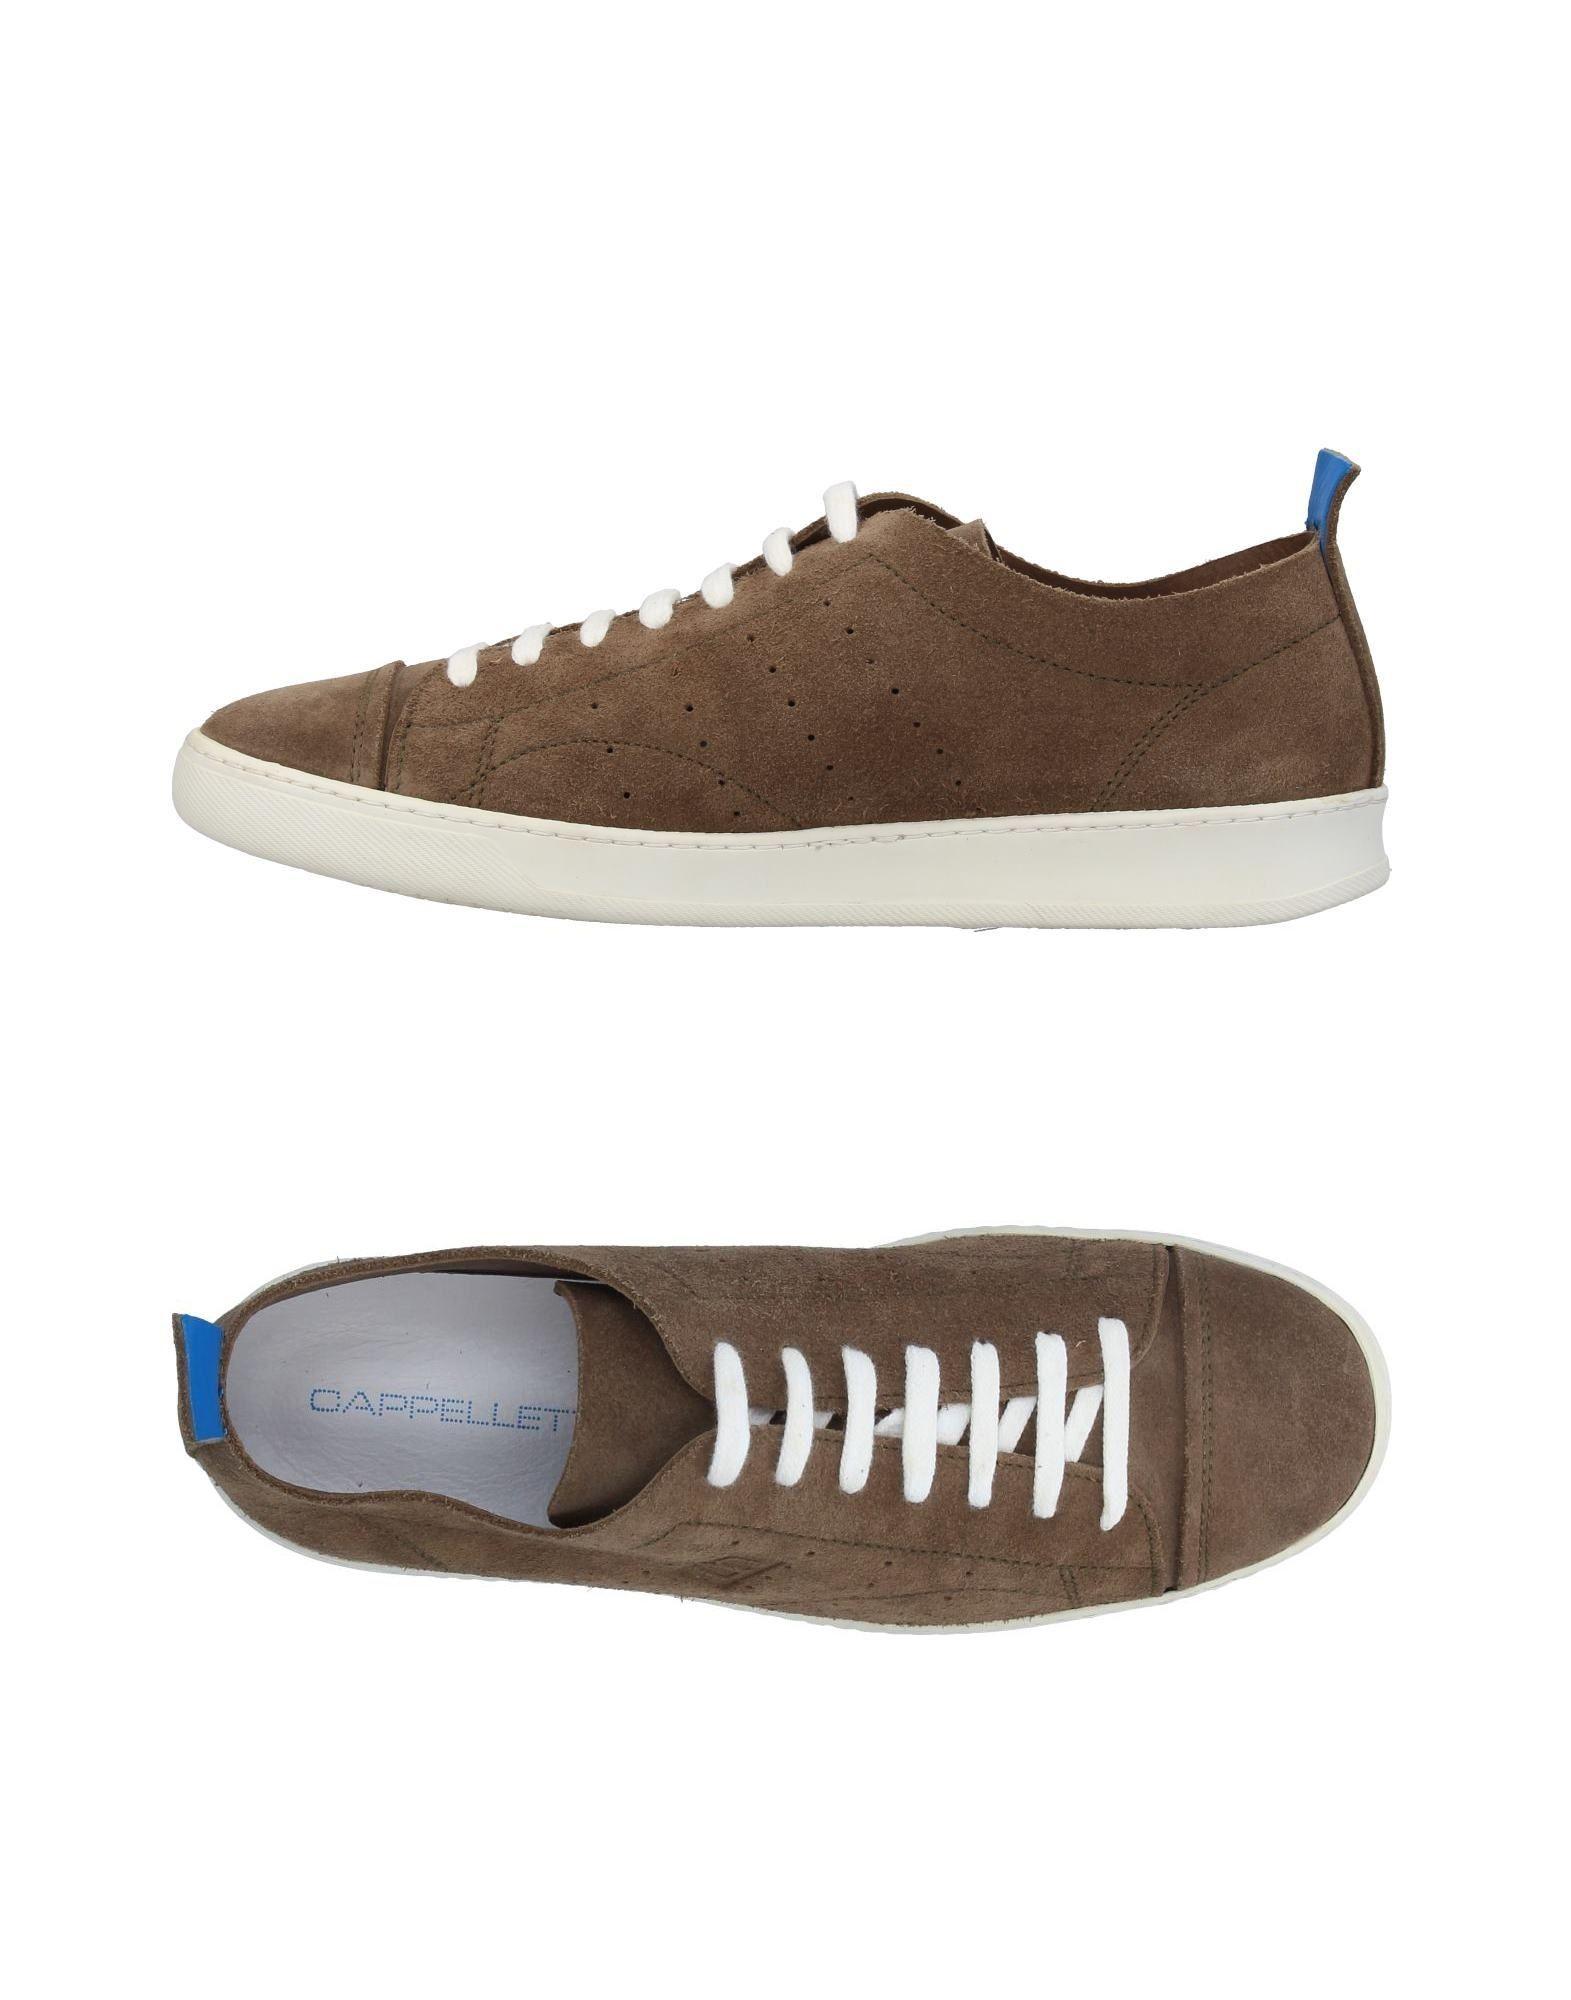 Moda Sneakers Cappelletti Uomo - 11373394II